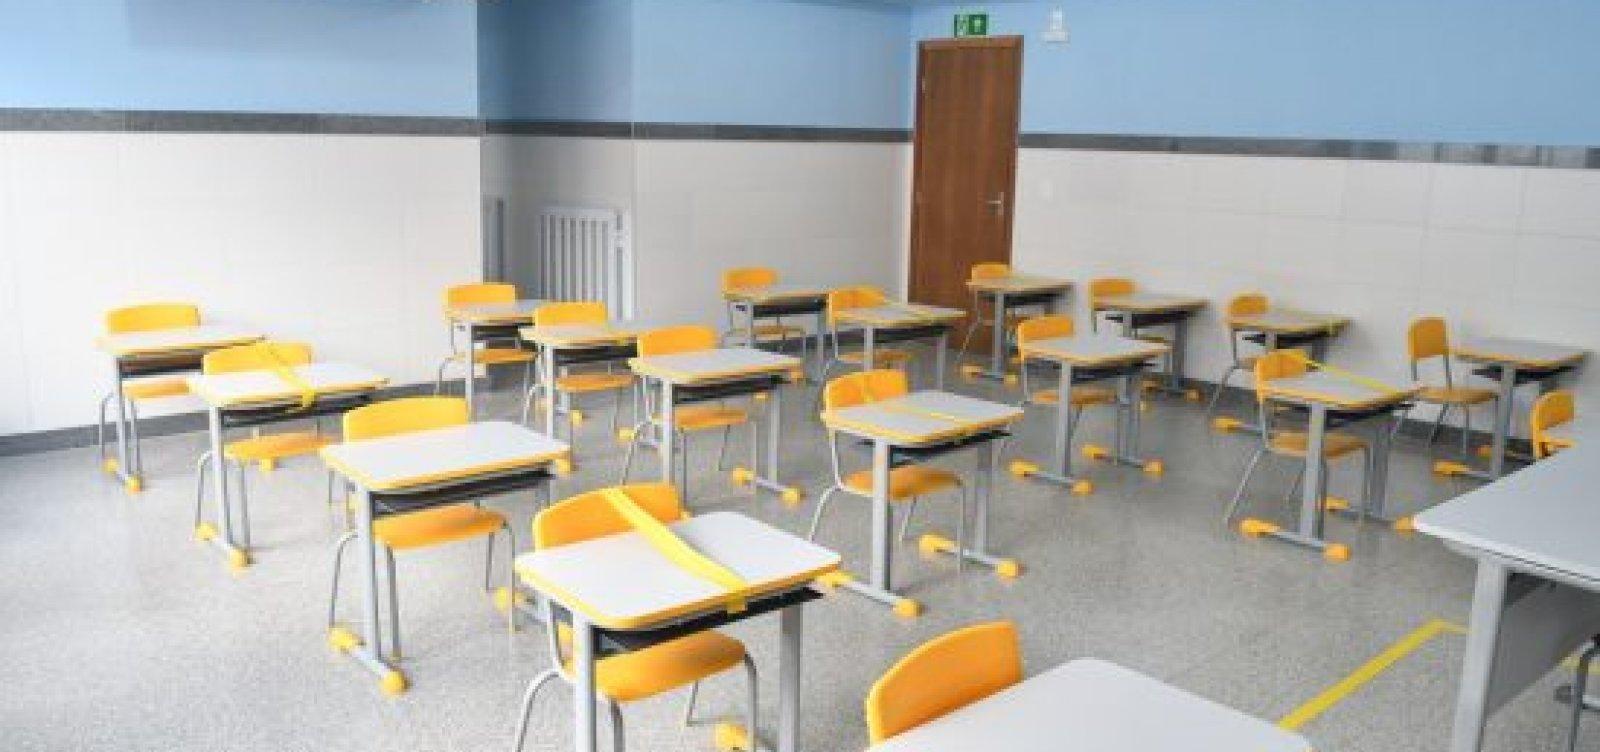 Reunião entre sindicatos termina sem acordo e professores das escolas privadas podem entrar em greve